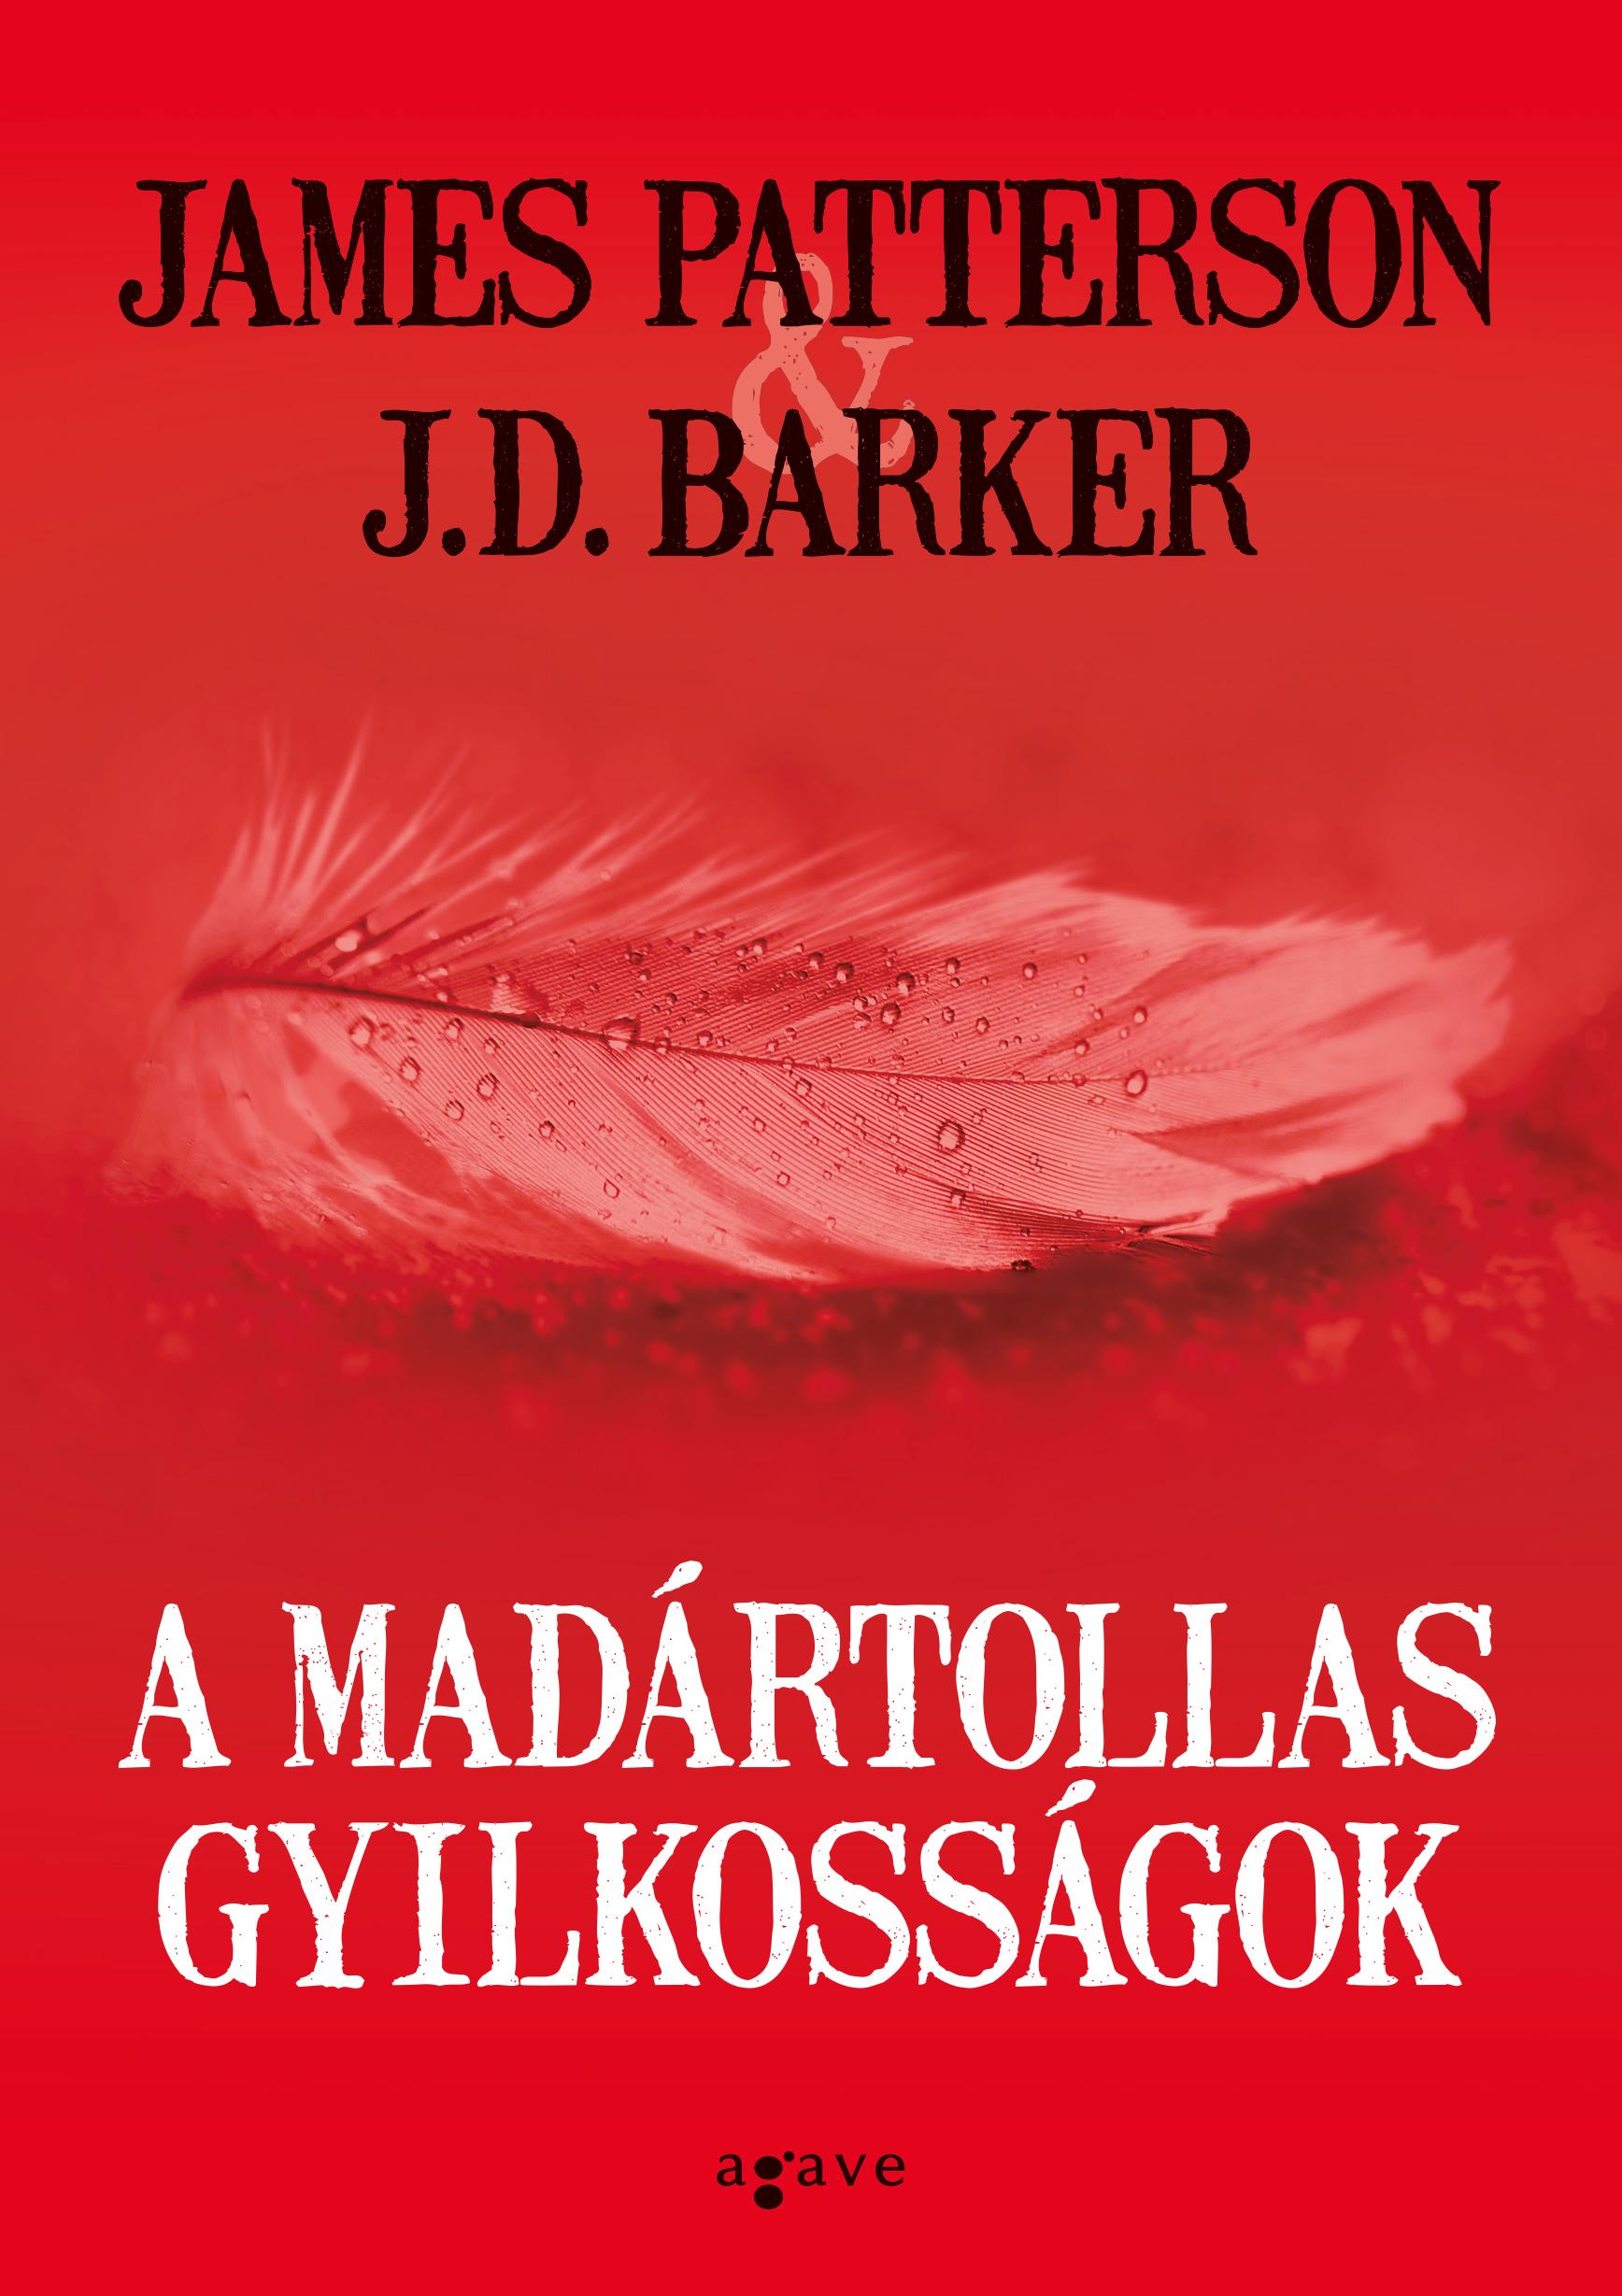 James Patterson - A madártollas gyilkosságok